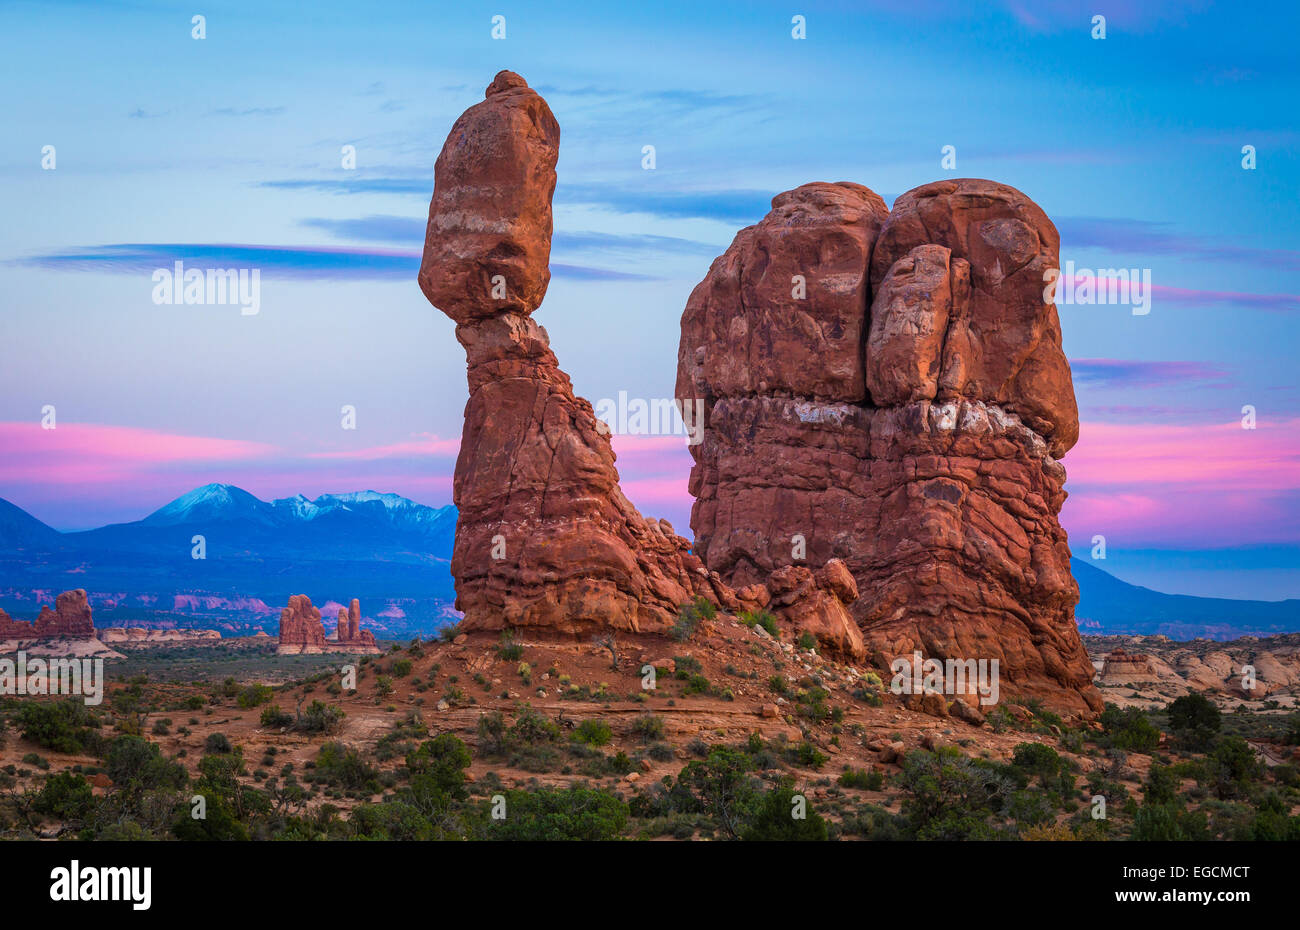 Balanced Rock es una de las características más populares del Parque Nacional de Los Arcos, situado en Imagen De Stock